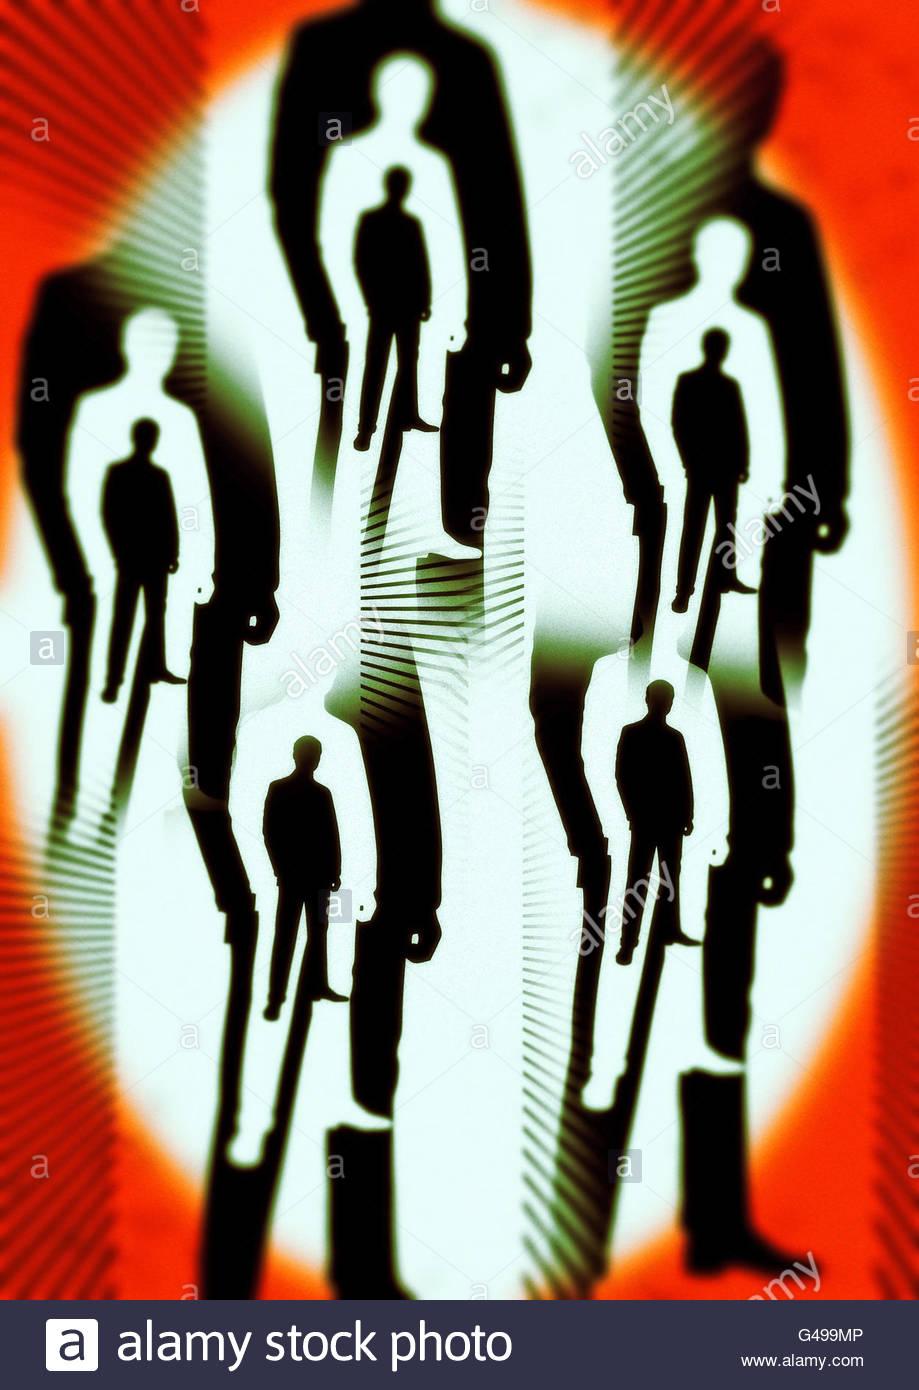 Les hommes dans la zone noire 51 illustration de Roswell conspiration Photo Stock